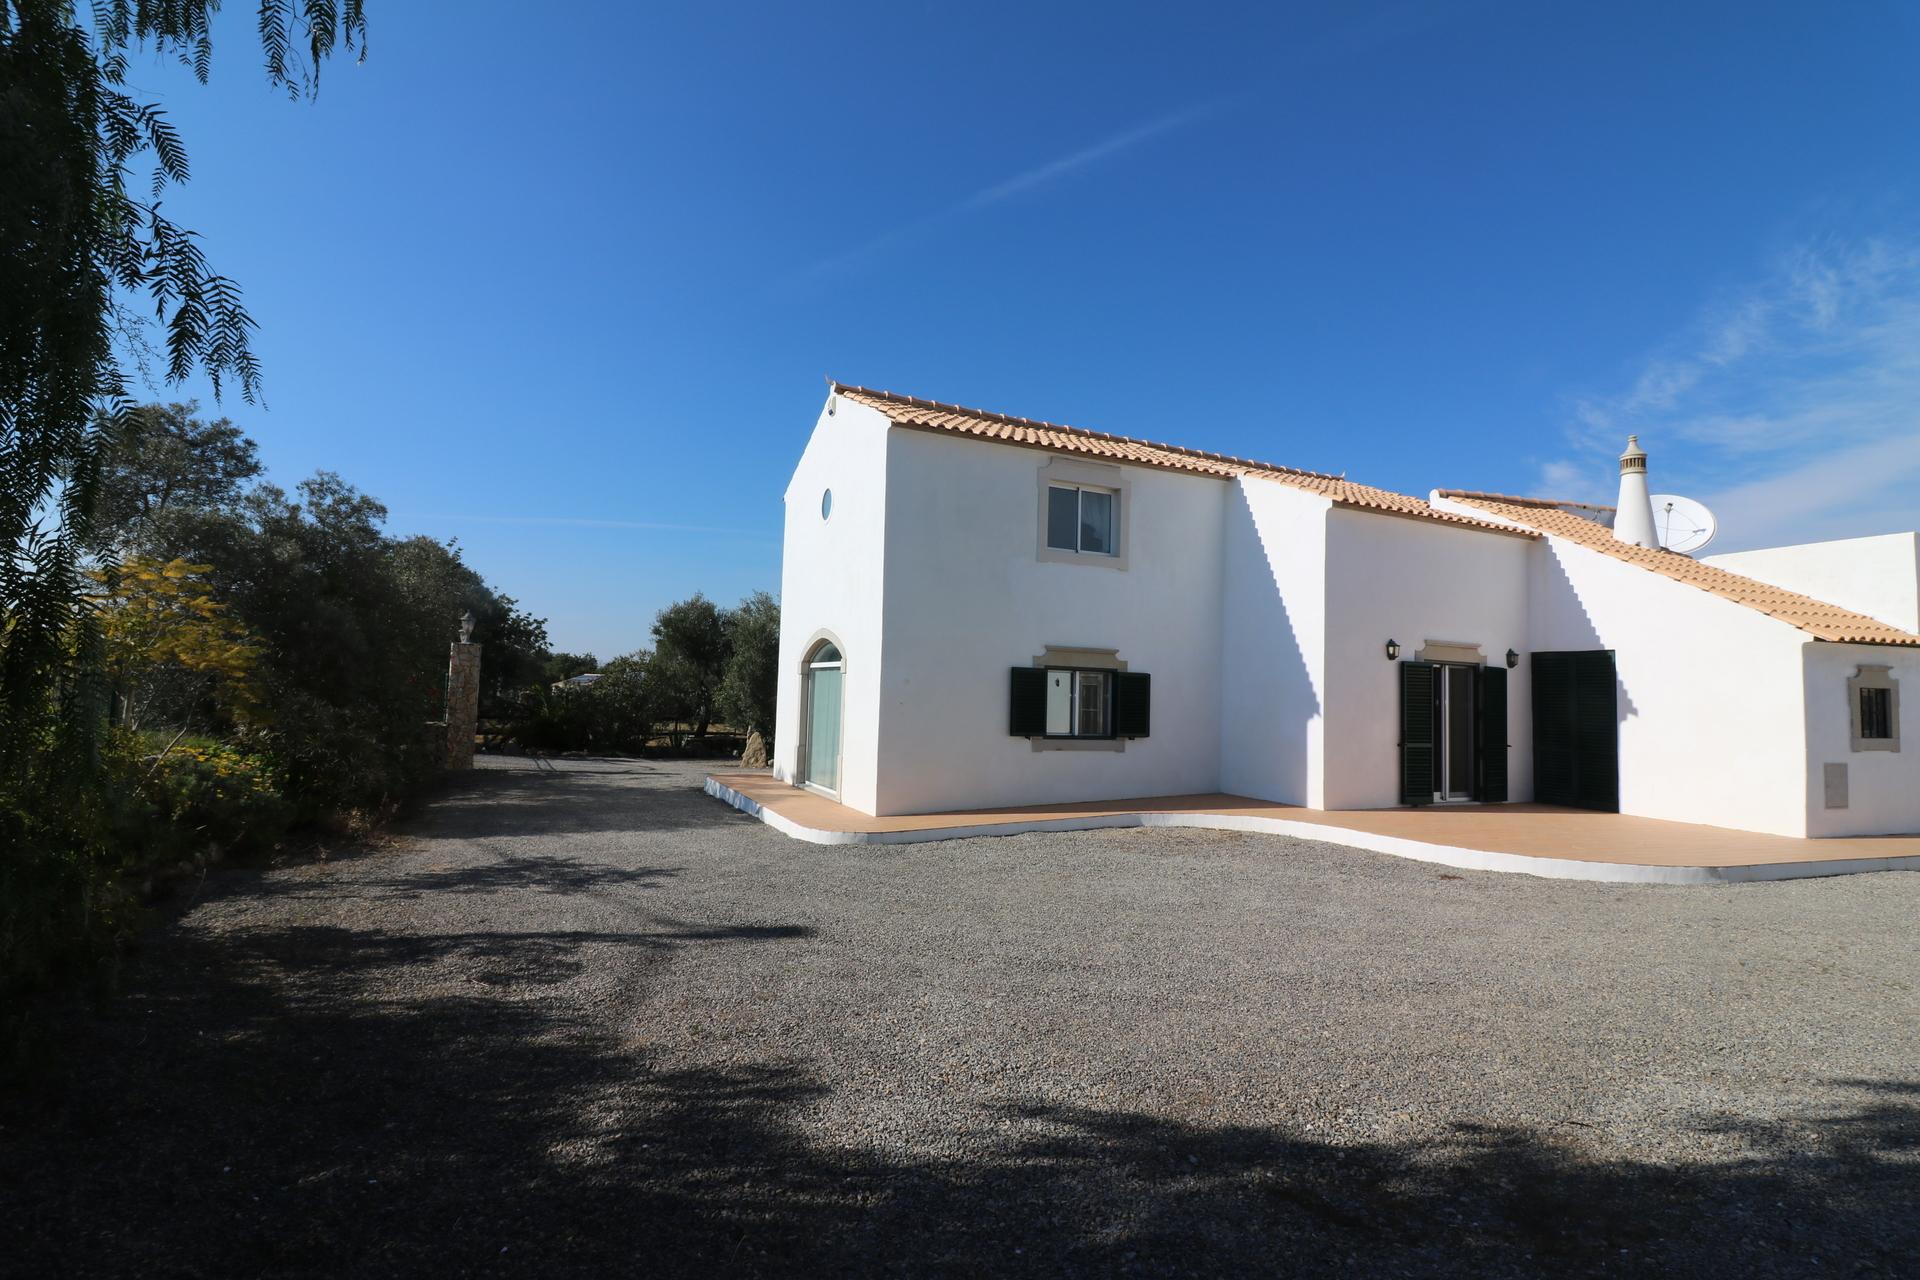 5 Bedroom Villa Sao Bras de Alportel, Central Algarve Ref: JV10326